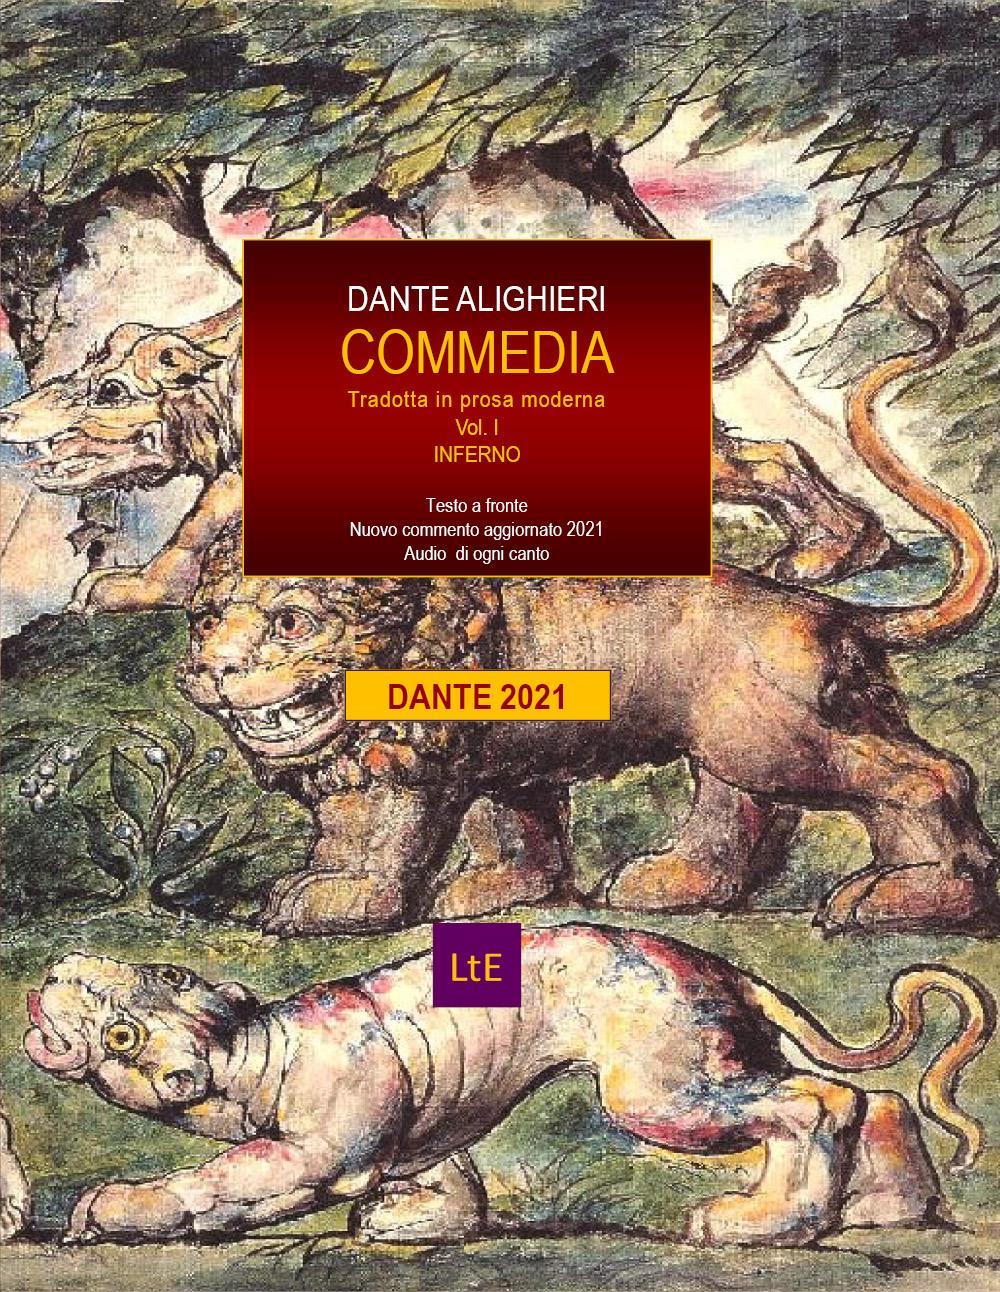 COMMEDIA tradotta in prosa moderna Vol. I Inferno